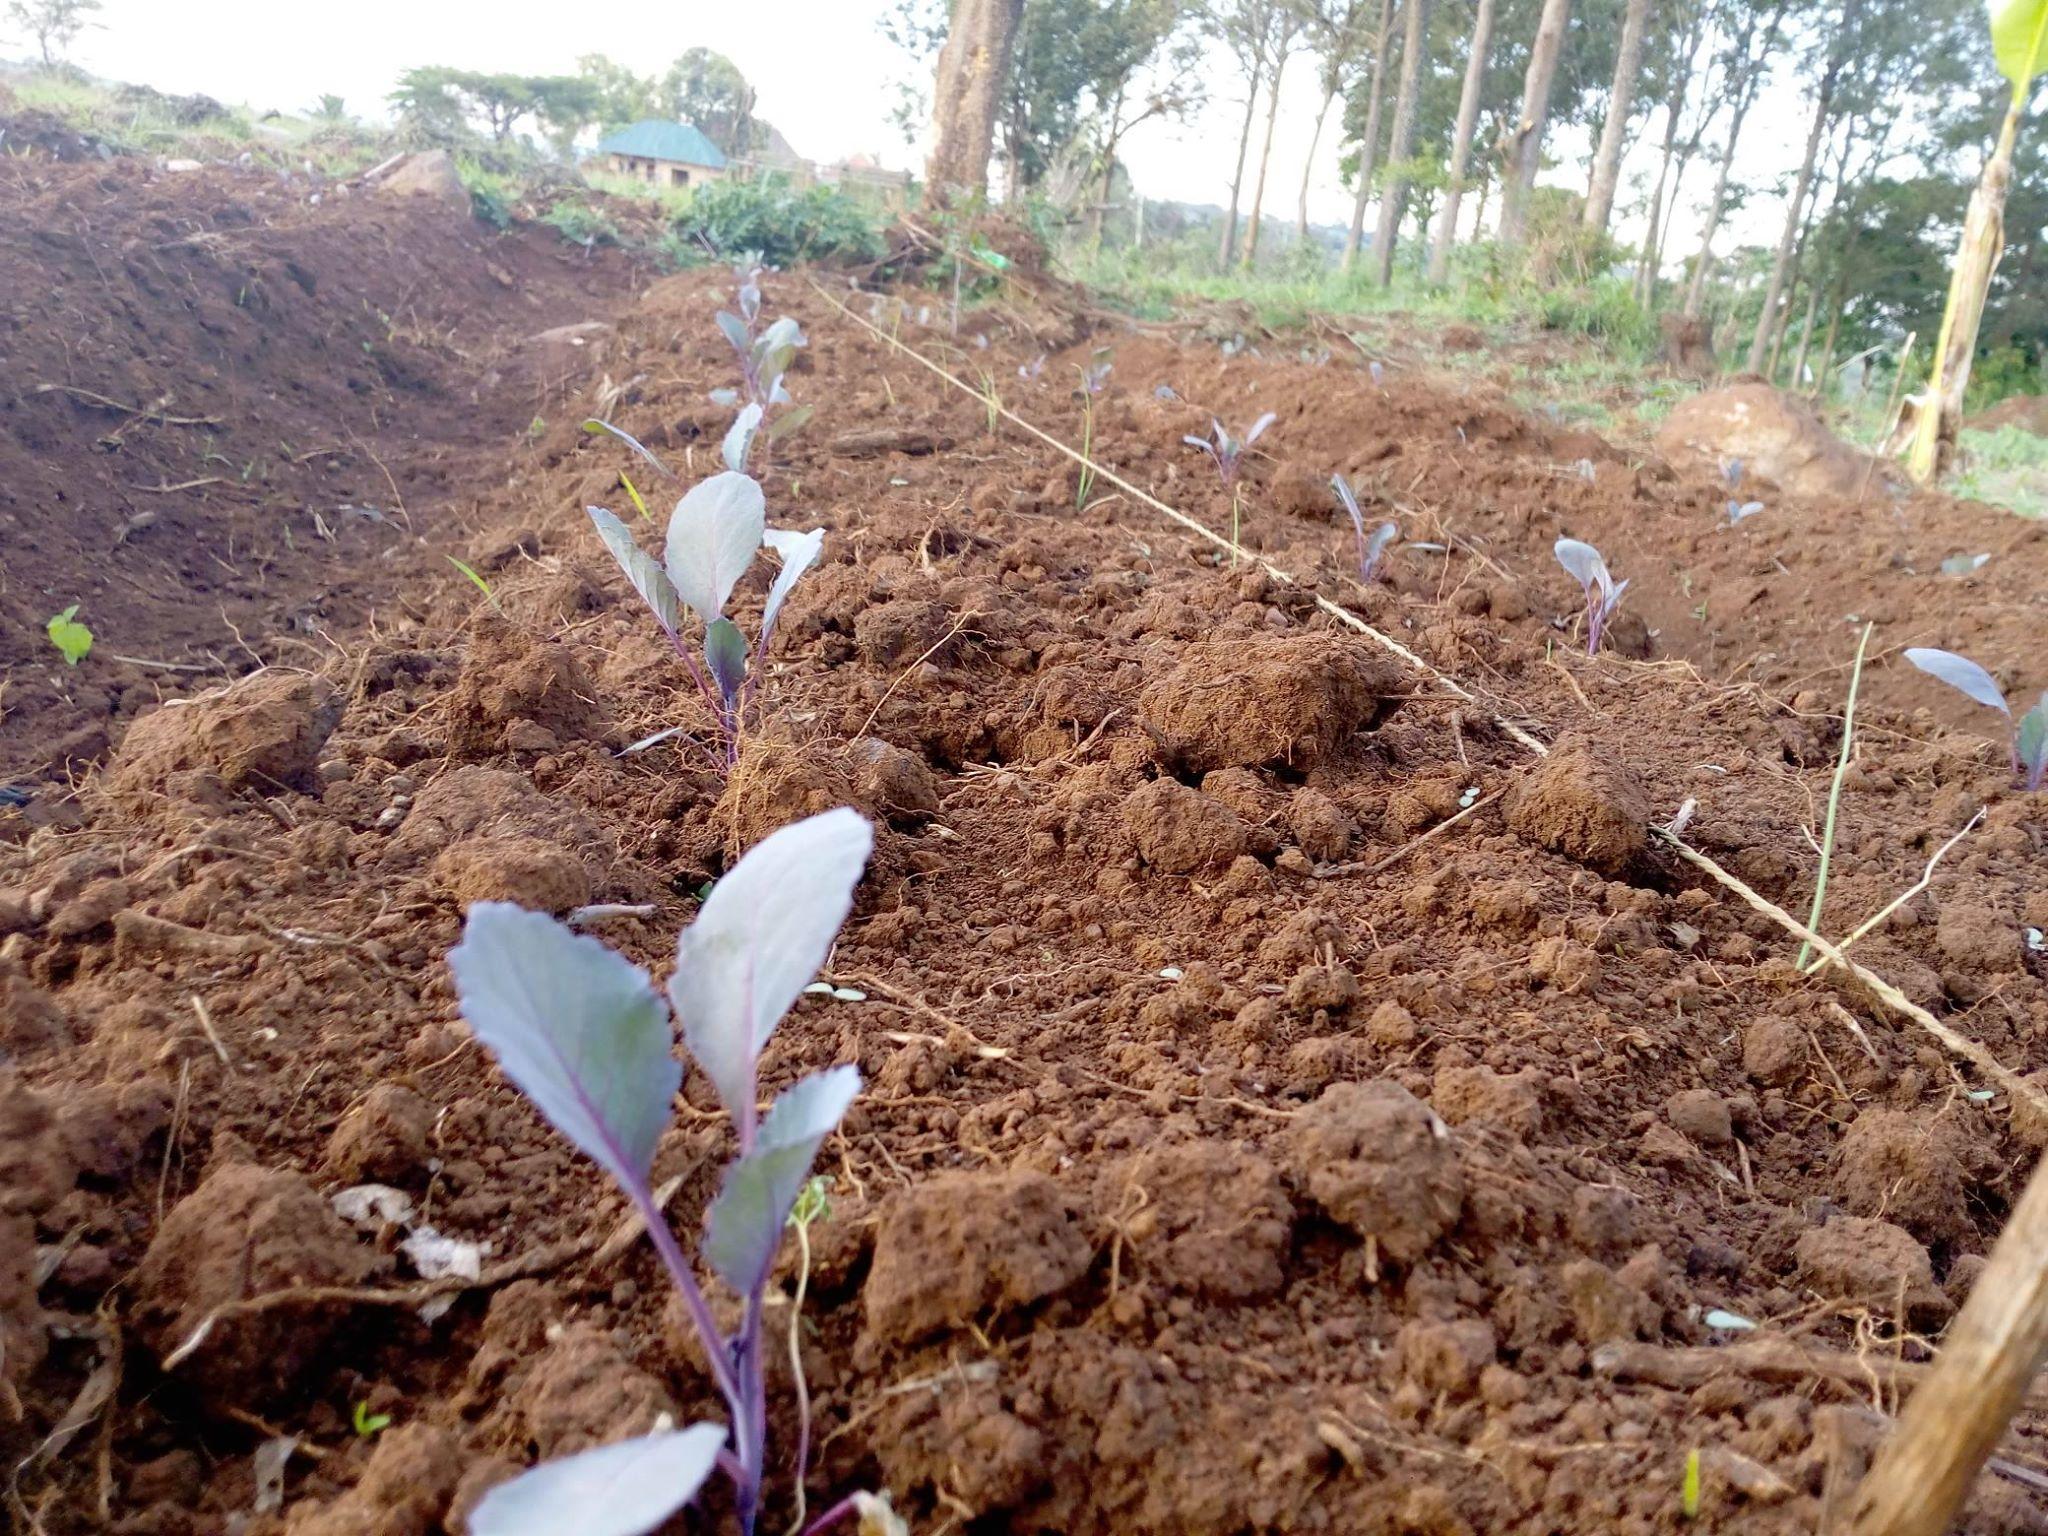 Onzekerheid voedselvoorziening neemt toe door opwarming aarde